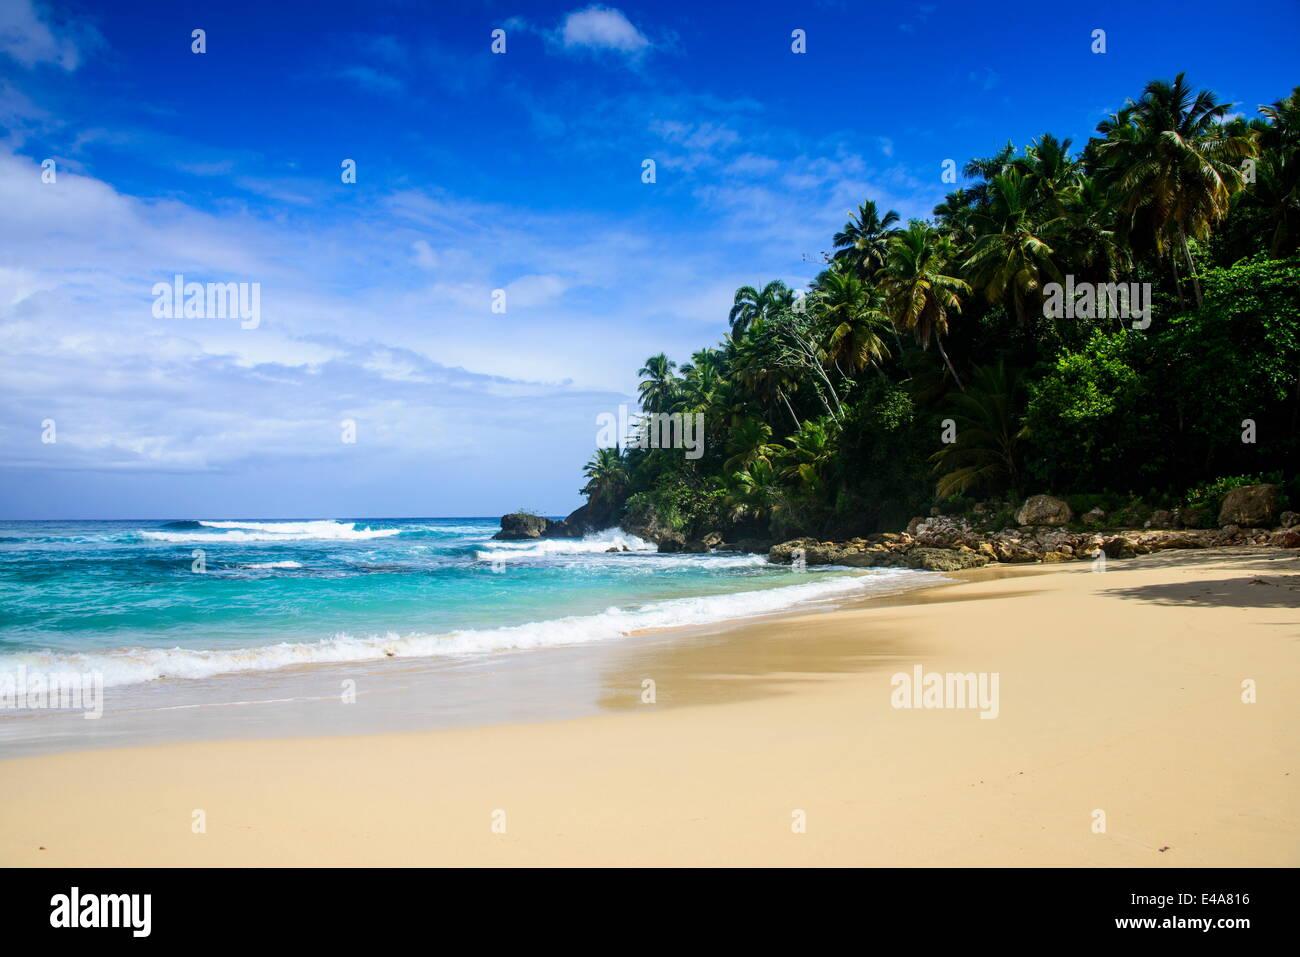 Playa Grande, République dominicaine, Antilles, Caraïbes, Amérique Centrale Photo Stock